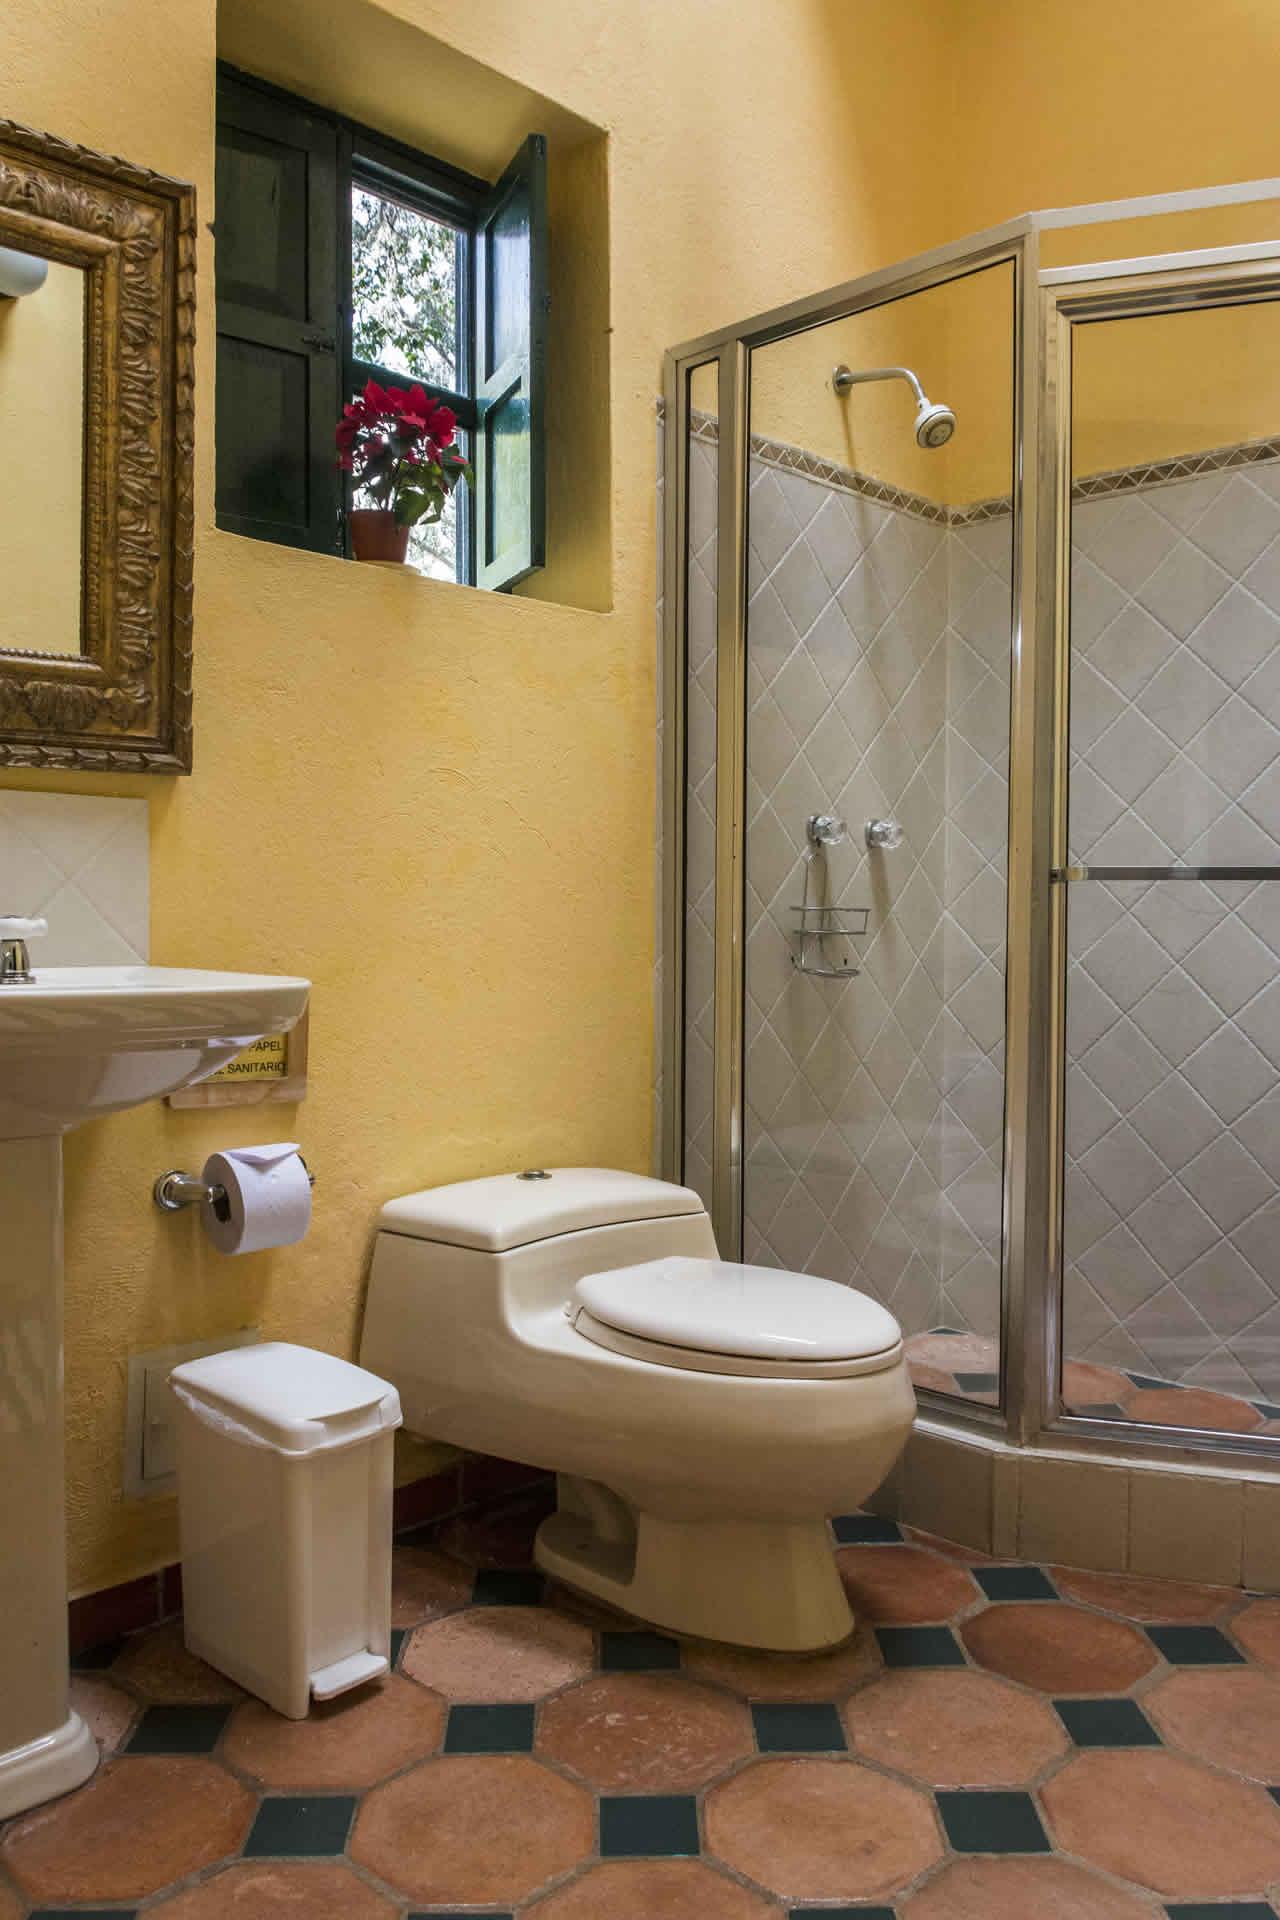 Casa Acanday para alquilar en Villa de Leyva - Baño 1 Piso 1